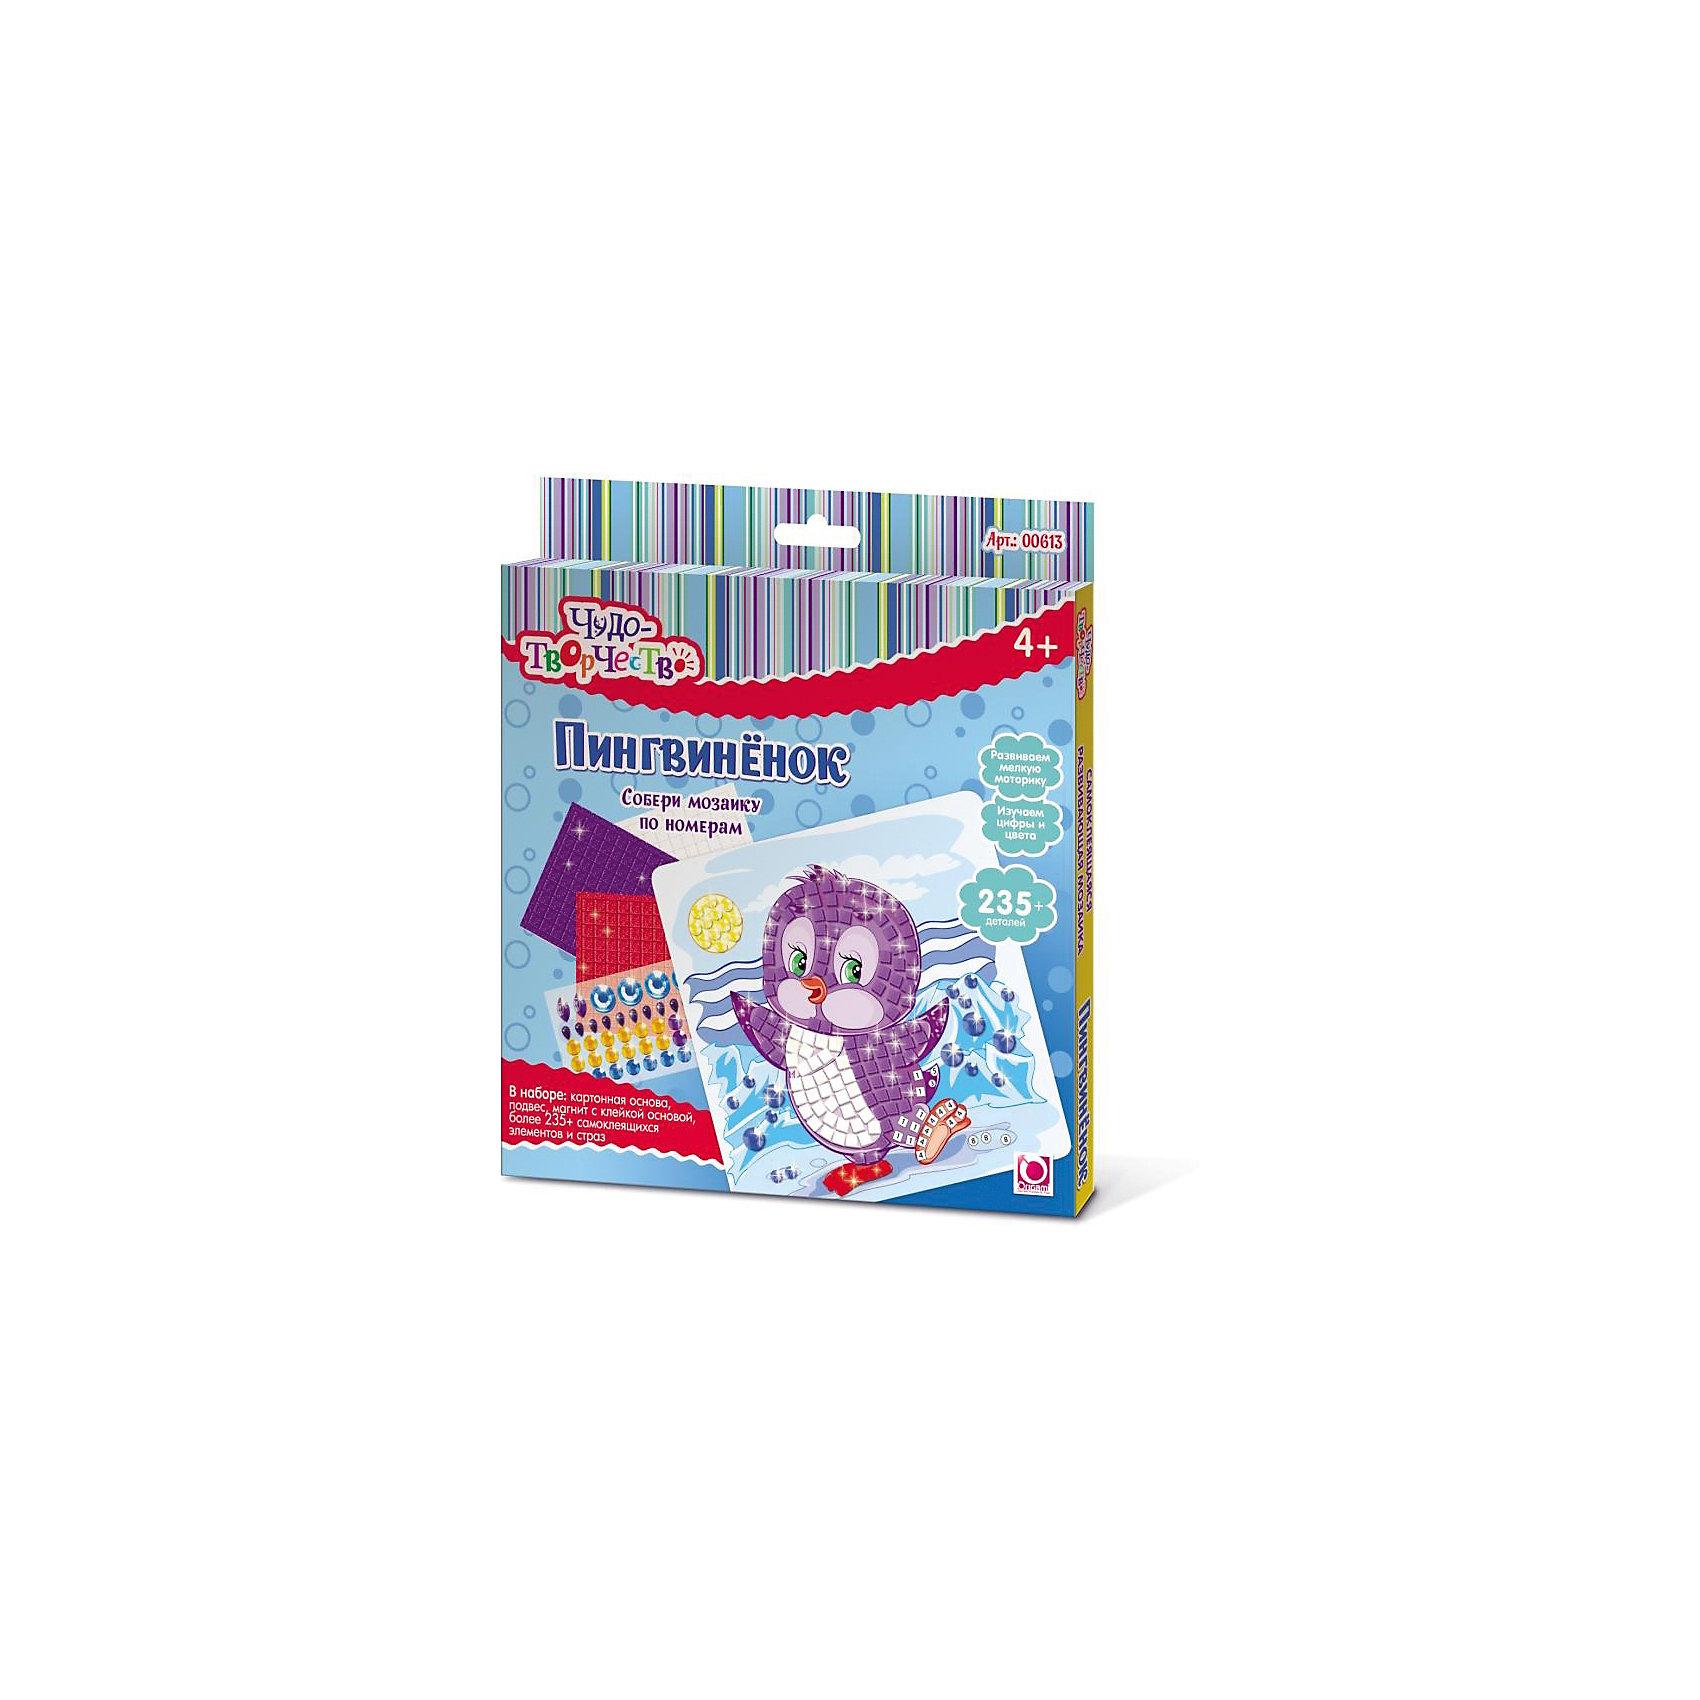 Мозаика по номерам ПингвиненокМозаика<br>Мозаика по номерам Пингвиненок - увлекательный набор для детского творчества, который поможет Вашему ребенку без ножниц и клея сделать красивую картинку. Техника выполнения мозаики проста и не представляет сложностей: на картонную основу уже нанесен рисунок с пронумерованными фрагментами, нужно лишь аккуратно вклеить цветные детали и стразы согласно указанным цифрам на схеме. Все элементы имеют самоклеющуюся основу, легко приклеиваются и прочно держатся. Итогом работы станет красочная сверкающая мозаика с изображением симпатичного пингвиненка. Готовую картинку можно повесить на стену или прикрепить с помощью магнита на холодильник. Работа с мозаикой развивает у ребенка цветовое восприятие, образно-логическое мышление и пространственное воображение, тренирует мелкую моторику.<br><br>Дополнительная информация:<br><br>- В комплекте: картонная основа с цветным рисунком по номерам, 235+ самоклеящихся элементов и страз, подвес, магнит с клейкой основой.<br>- Размер картинки: 20 х 20 см.<br>- Размер упаковки: 23 х 21 x 1,5 см.<br>- Вес: 60 гр.<br><br>Мозаику по номерам Пингвиненок, Чудо-Творчество, можно купить в нашем интернет-магазине.<br><br>Ширина мм: 205<br>Глубина мм: 15<br>Высота мм: 230<br>Вес г: 630<br>Возраст от месяцев: 48<br>Возраст до месяцев: 108<br>Пол: Унисекс<br>Возраст: Детский<br>SKU: 4530685